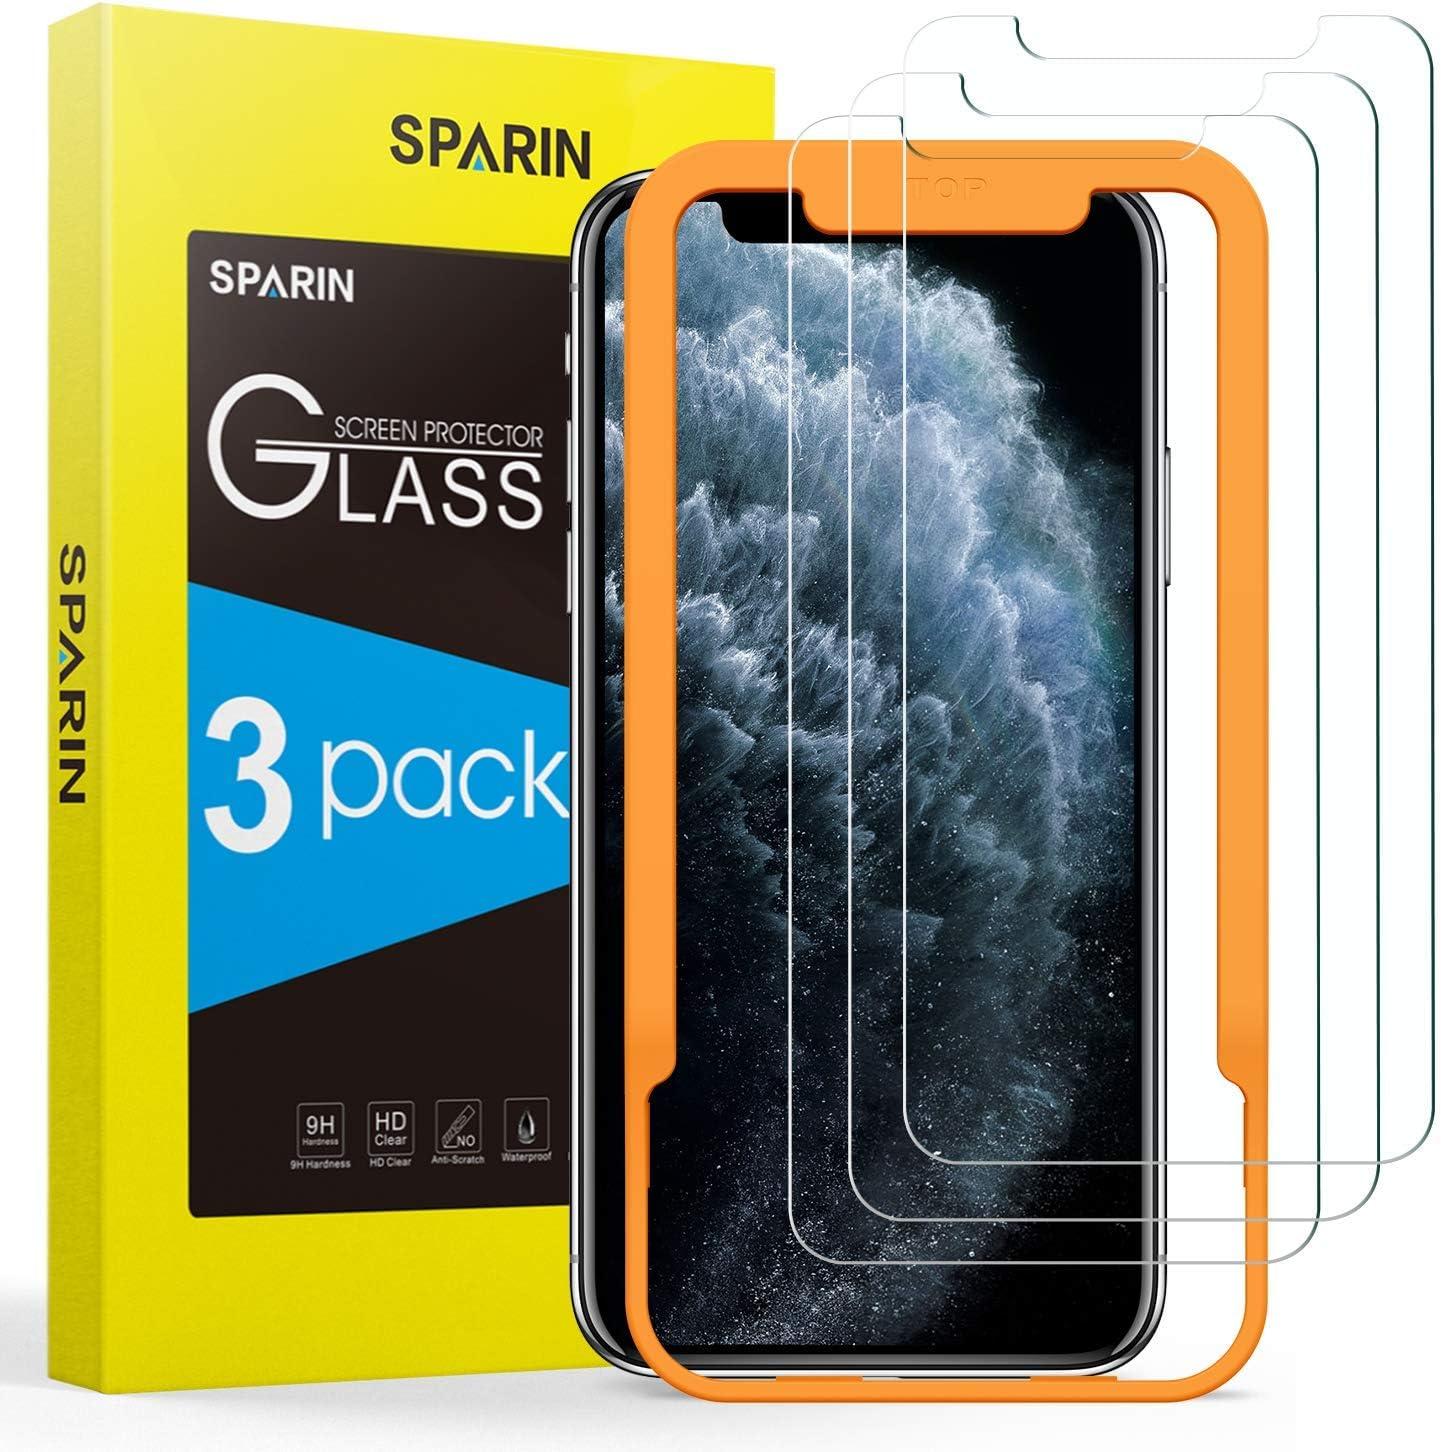 [3-Pack] Cristal Templado iPhone 11 Pro Max/XS Max, Protector Pantalla iPhone 11 Pro Max/XS Max Vidrio Templado con [2.5d Borde Redondo] [9H Dureza] [Alta Definicion] para iPhone 11 Pro Max/XS Max